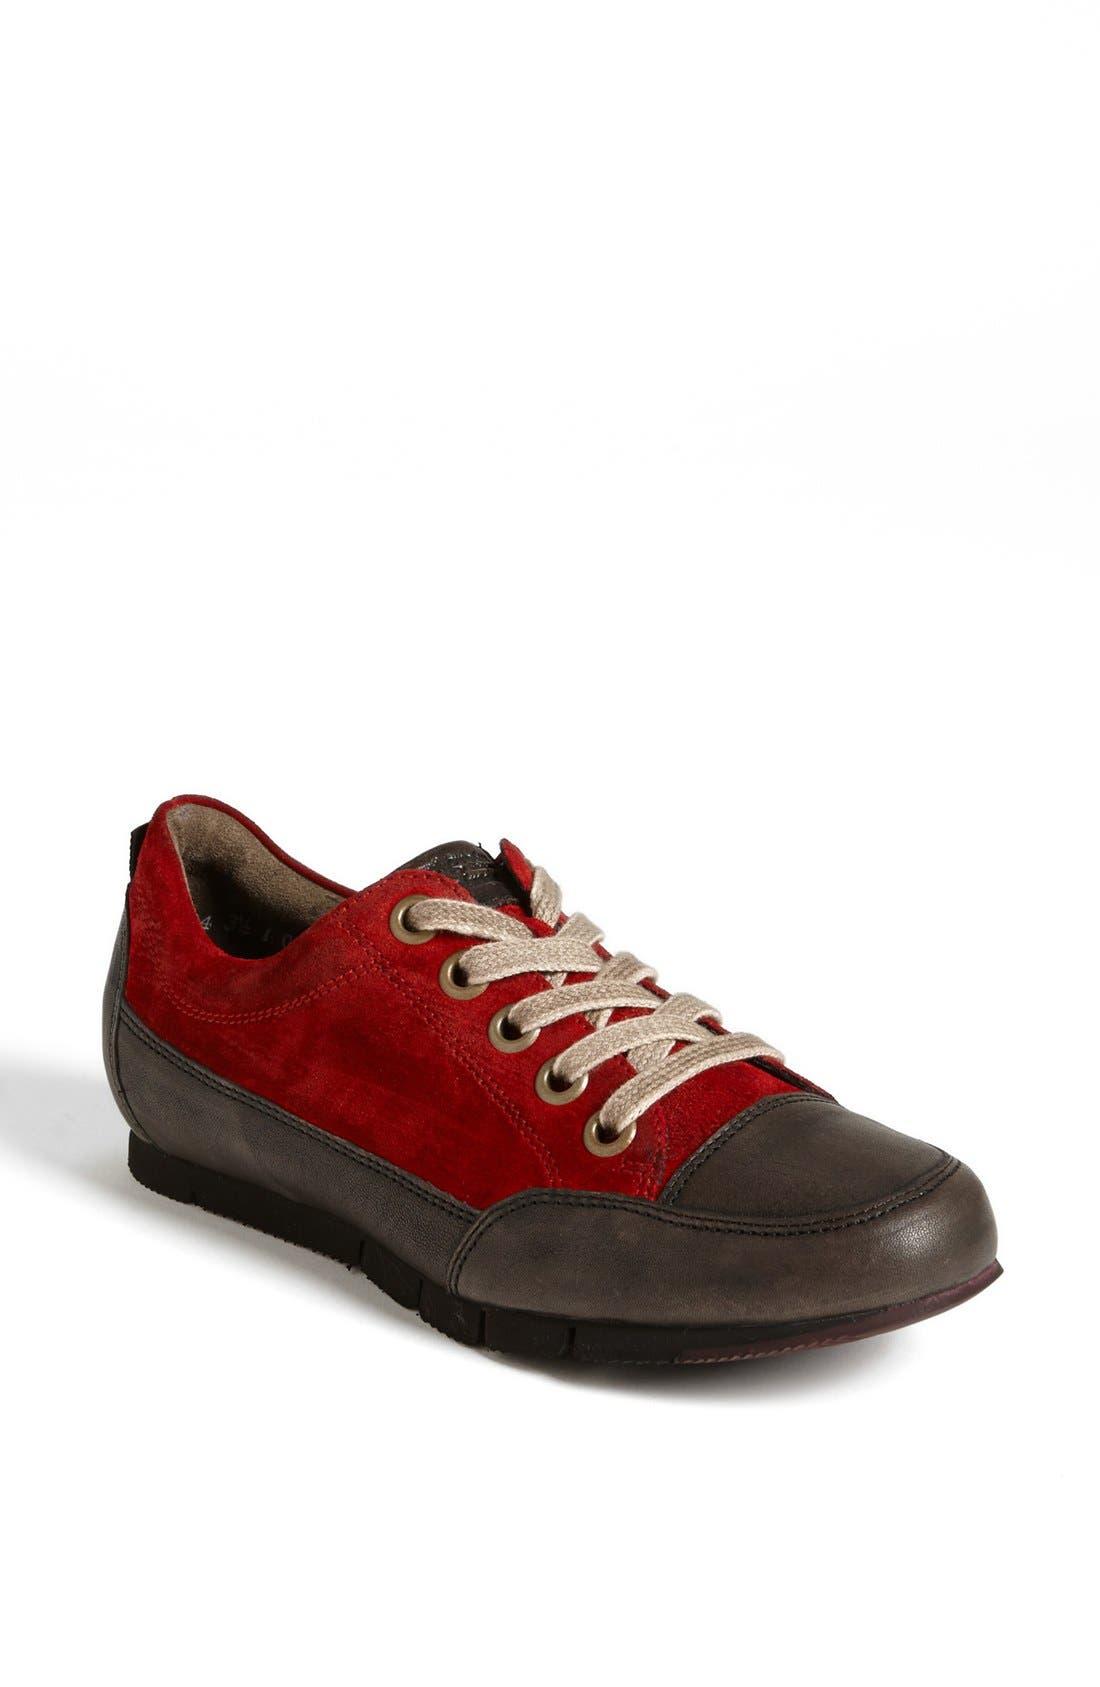 Alternate Image 1 Selected - Paul Green 'Posh' Sneaker